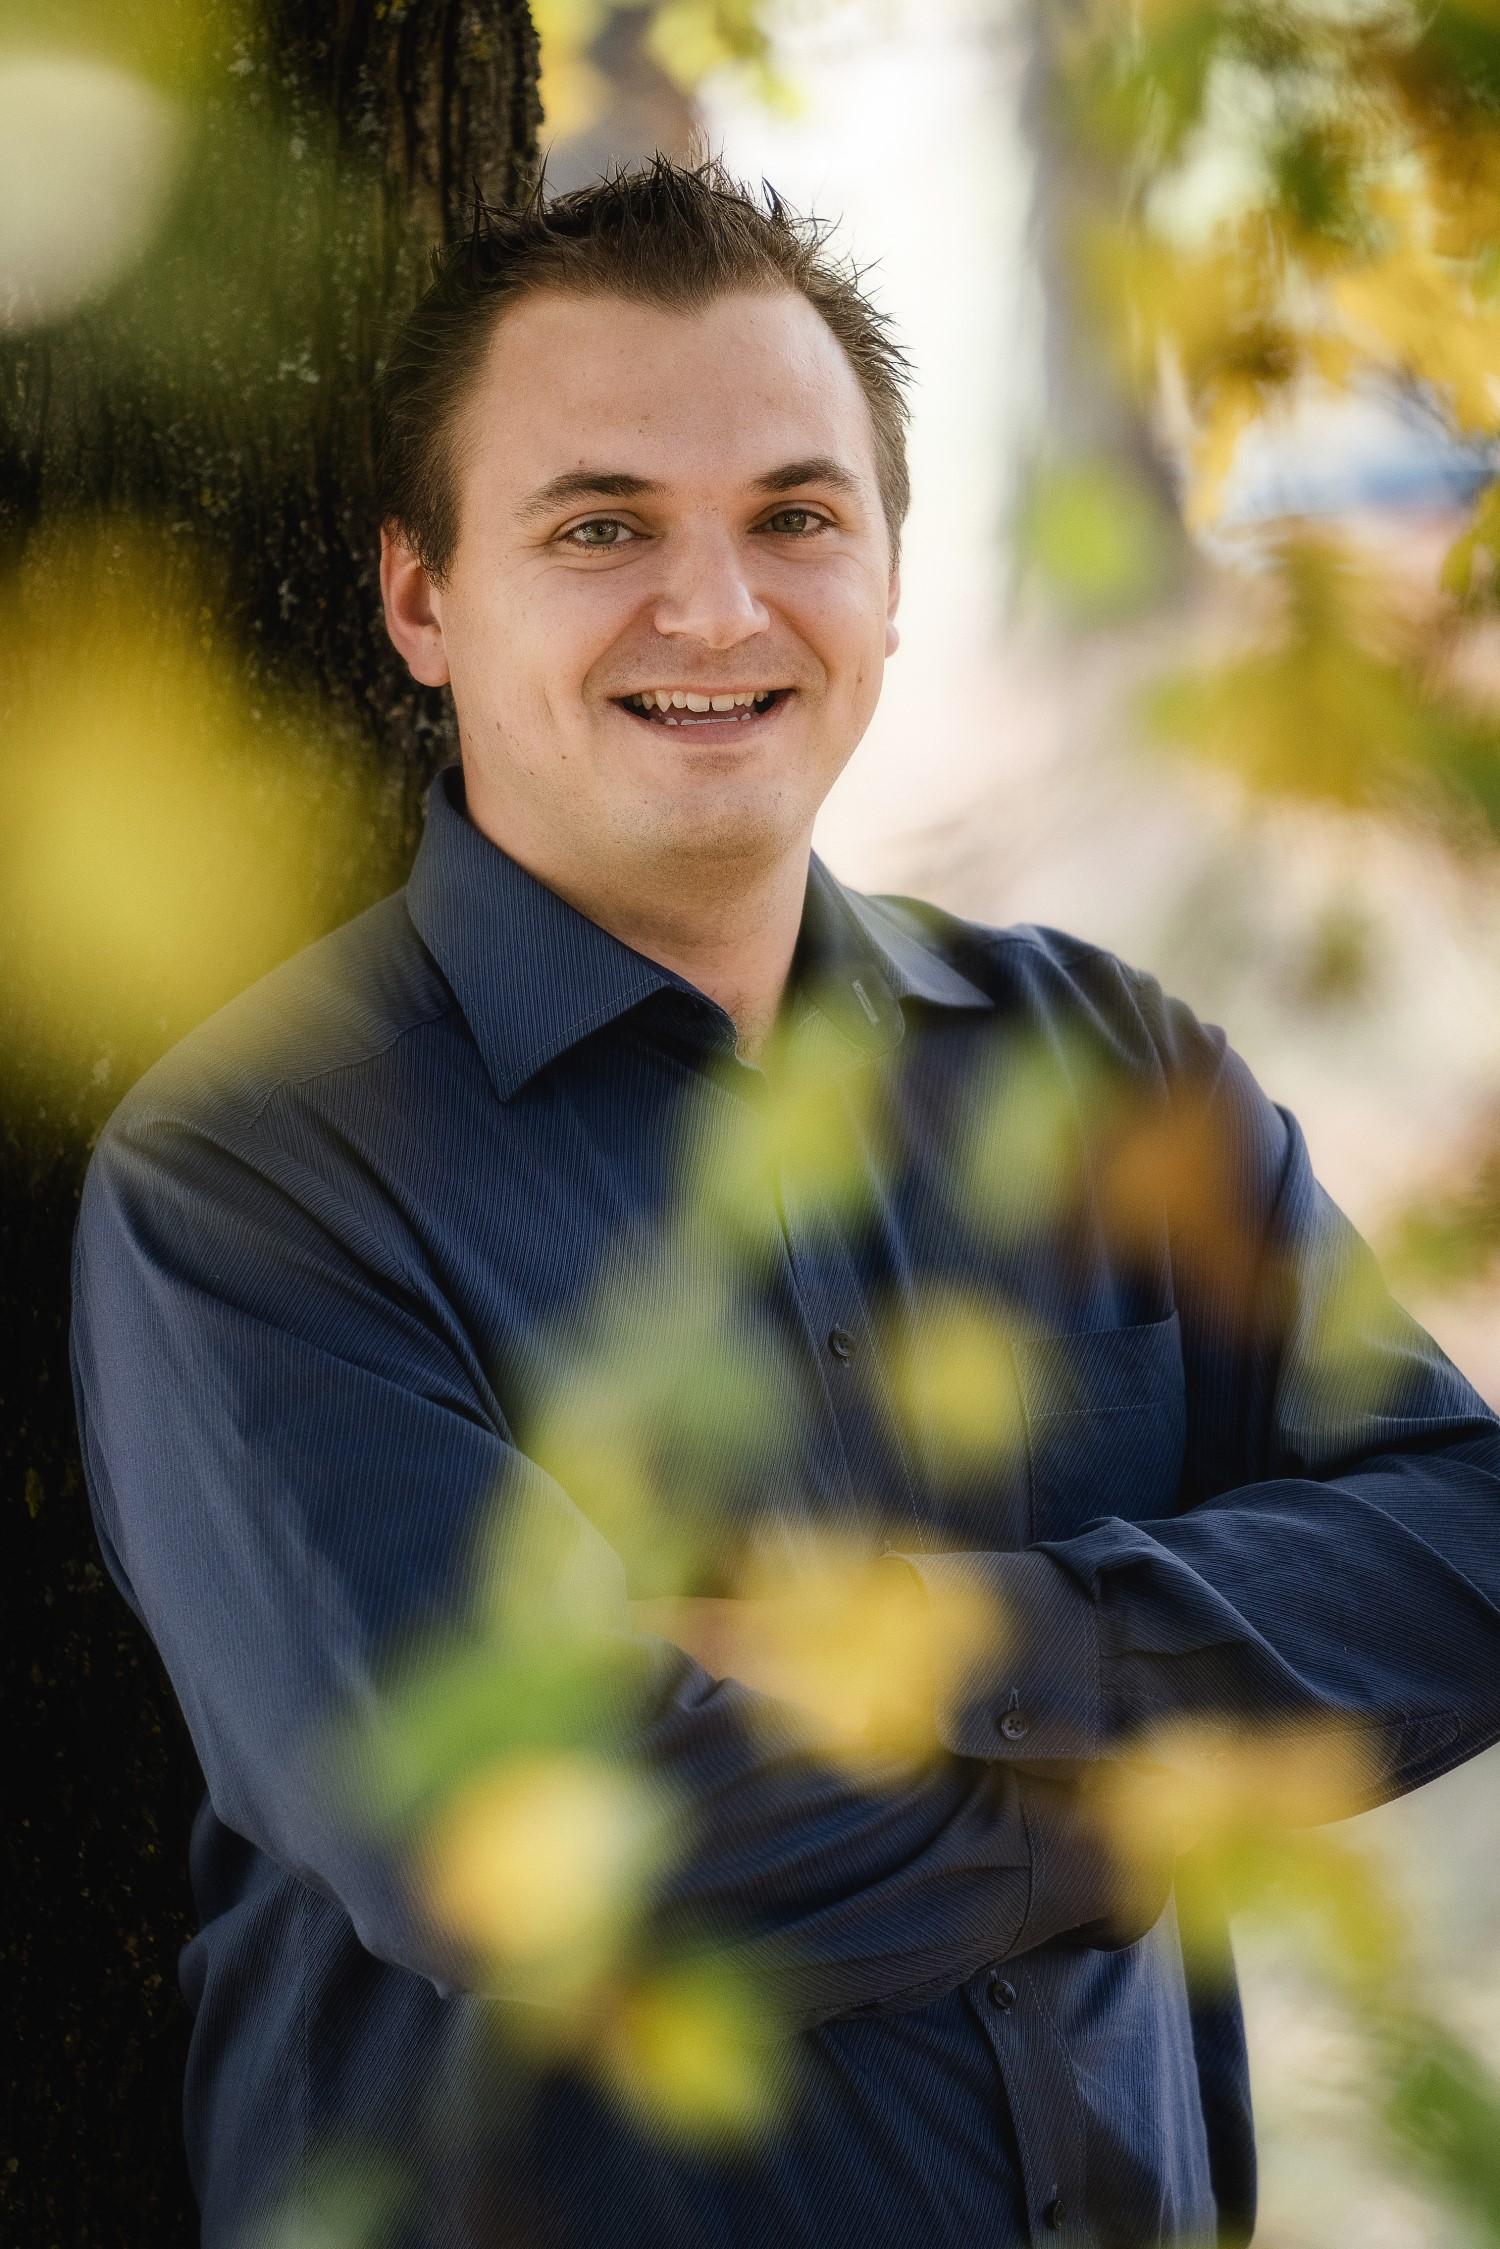 Patrick Hafner